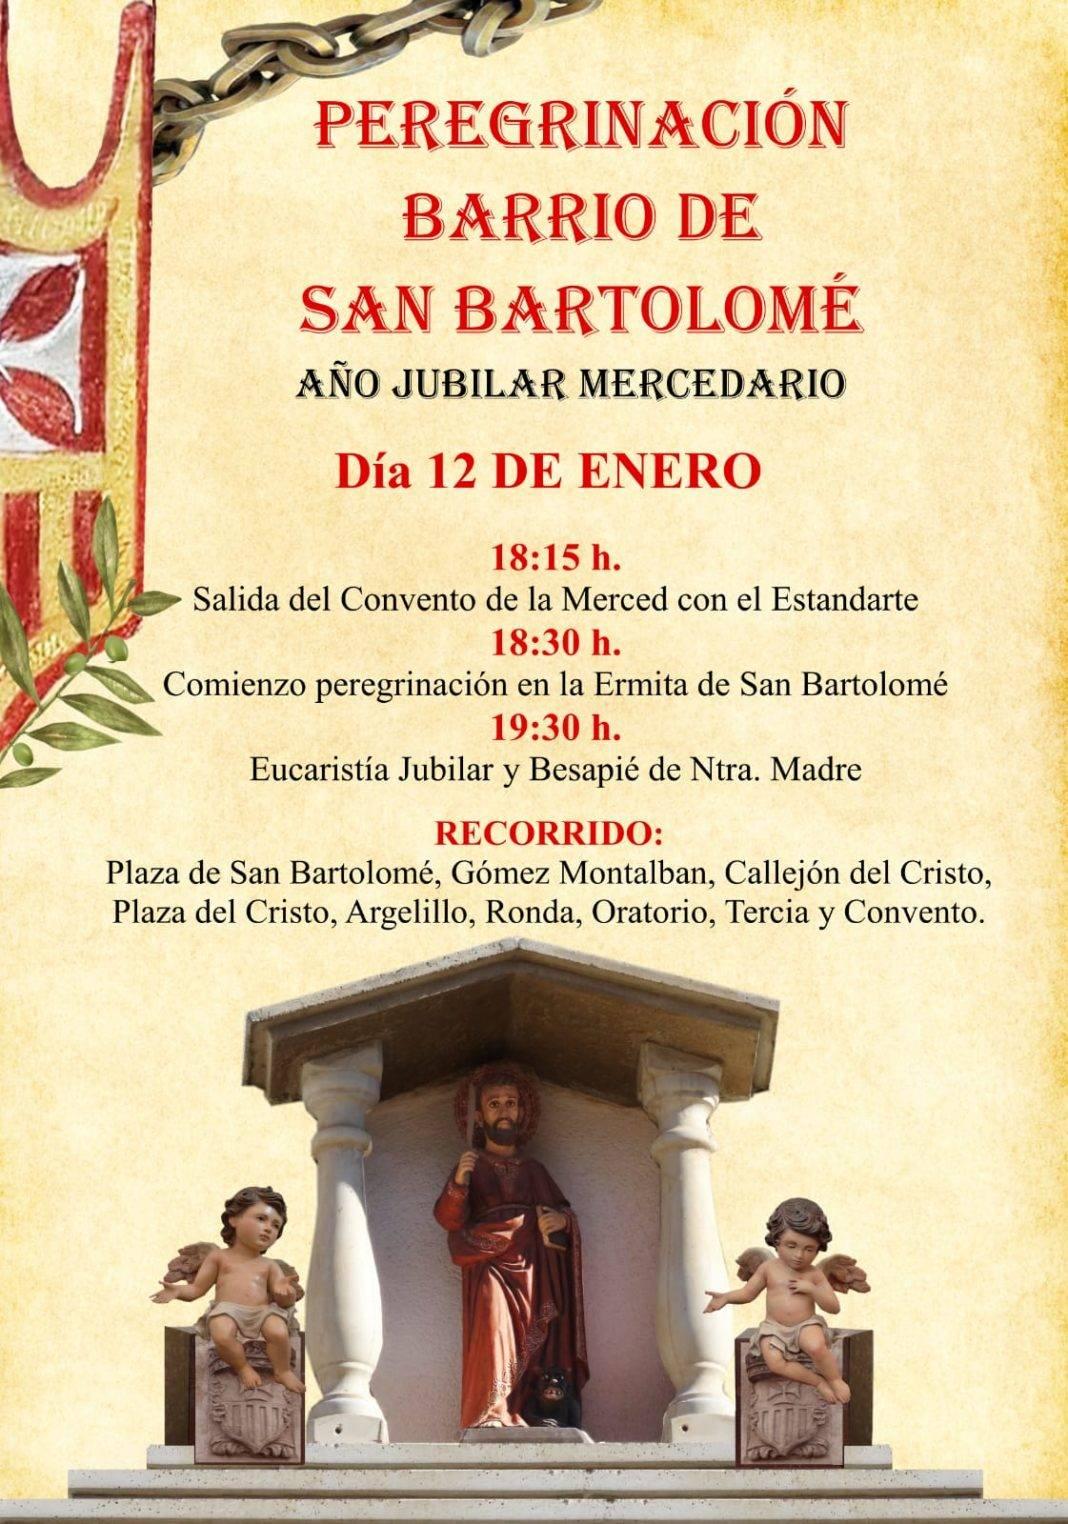 peregrinación jubilar del barrio de san Bartolomé 1068x1524 - Peregrinación jubilar mercedaria del barrio de San Bartolomé